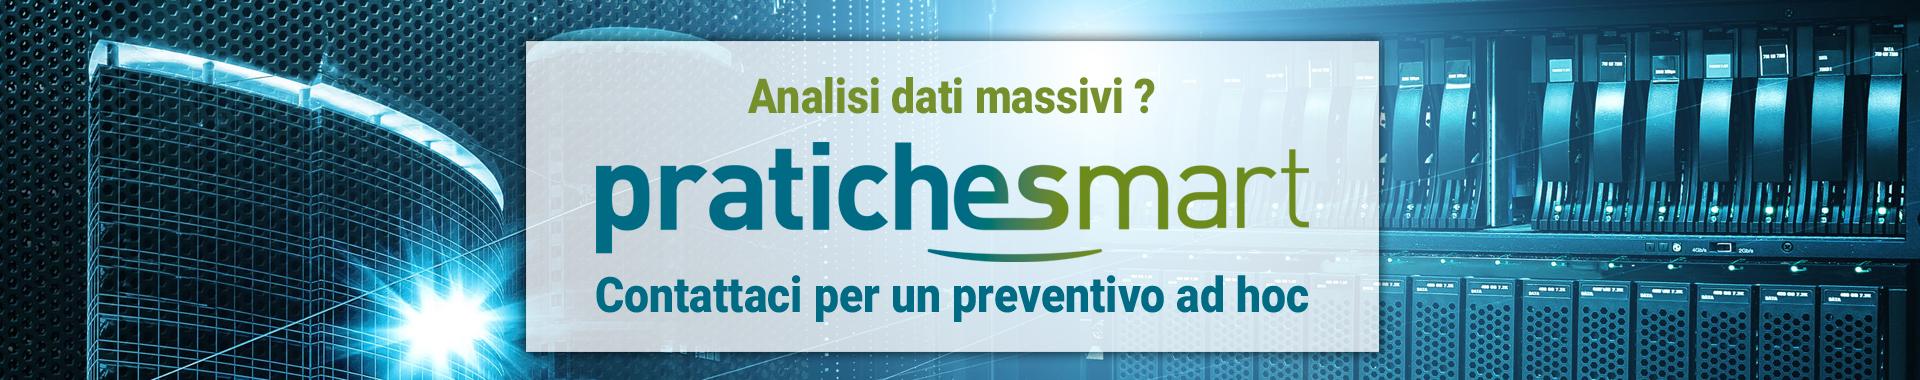 Convenzioni per richieste dati massivi - Pratiche Smart